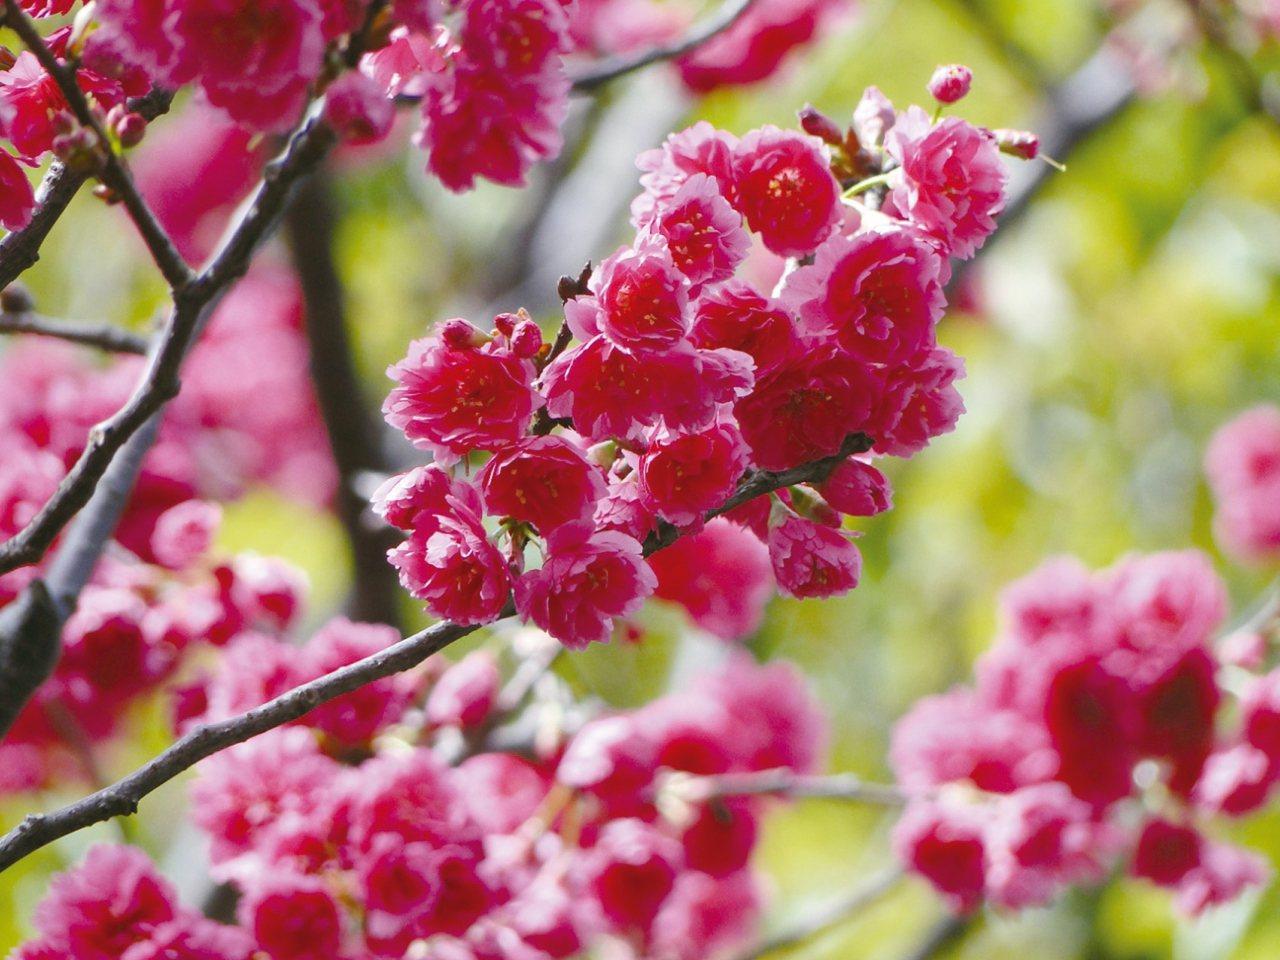 八重櫻又名牡丹櫻,其色桃紅,花瓣繁複多重。 圖/台北市工務局公園路燈工程管理處提...